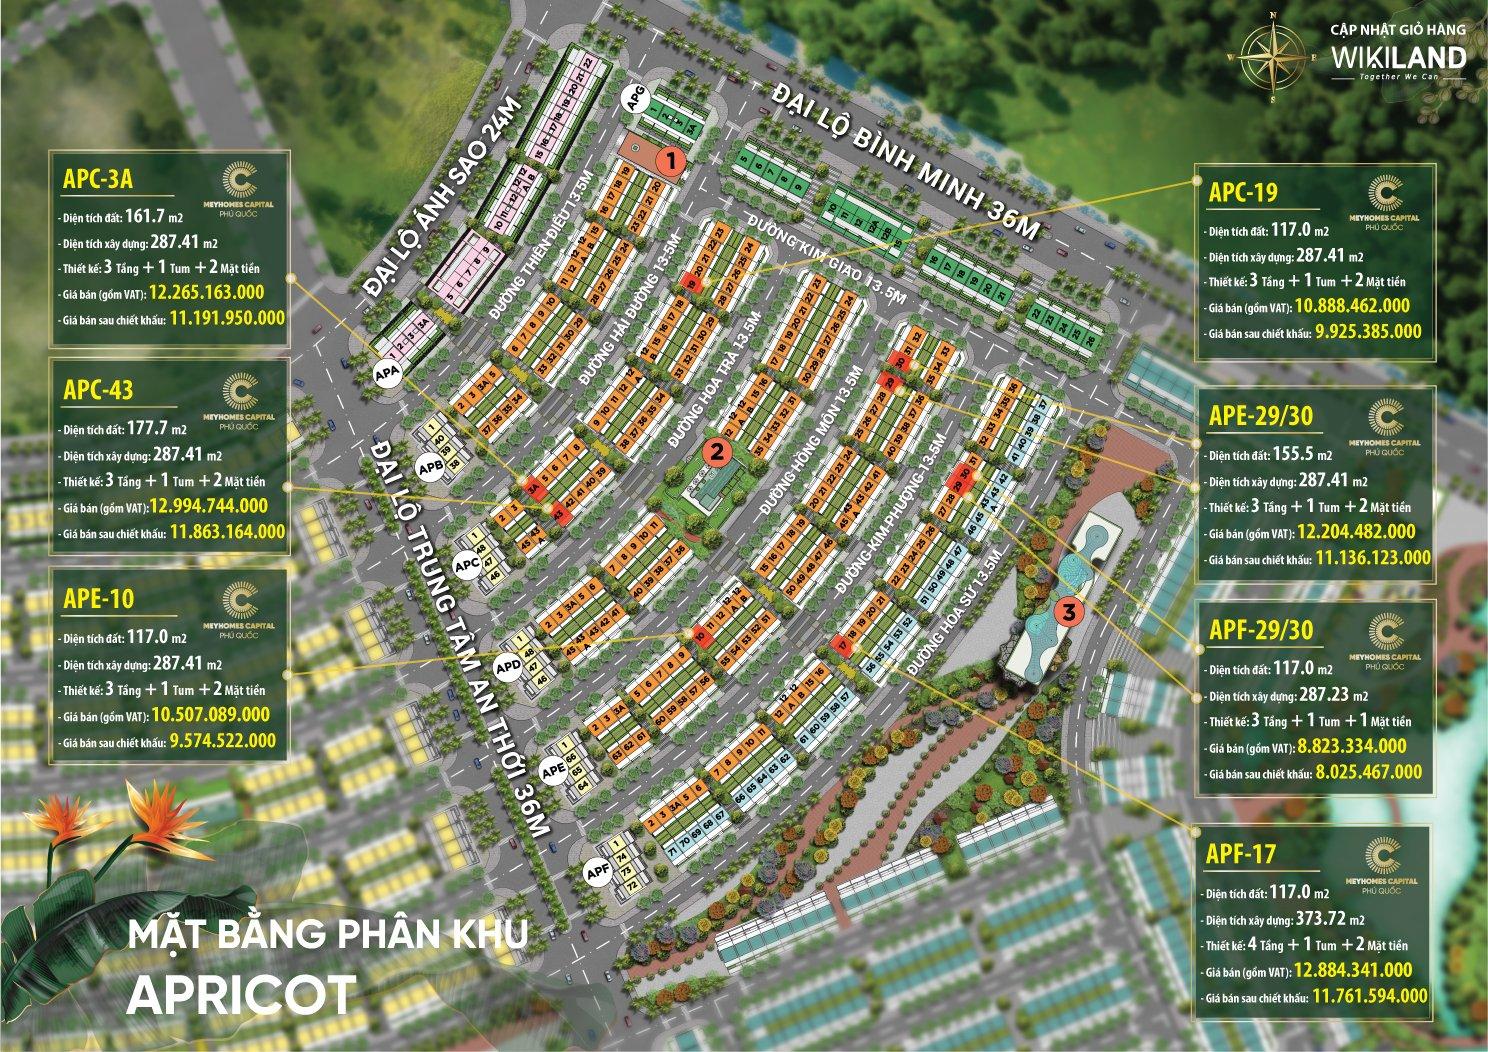 Bảng giá Meyhomes khu Apricot tháng 4.2021